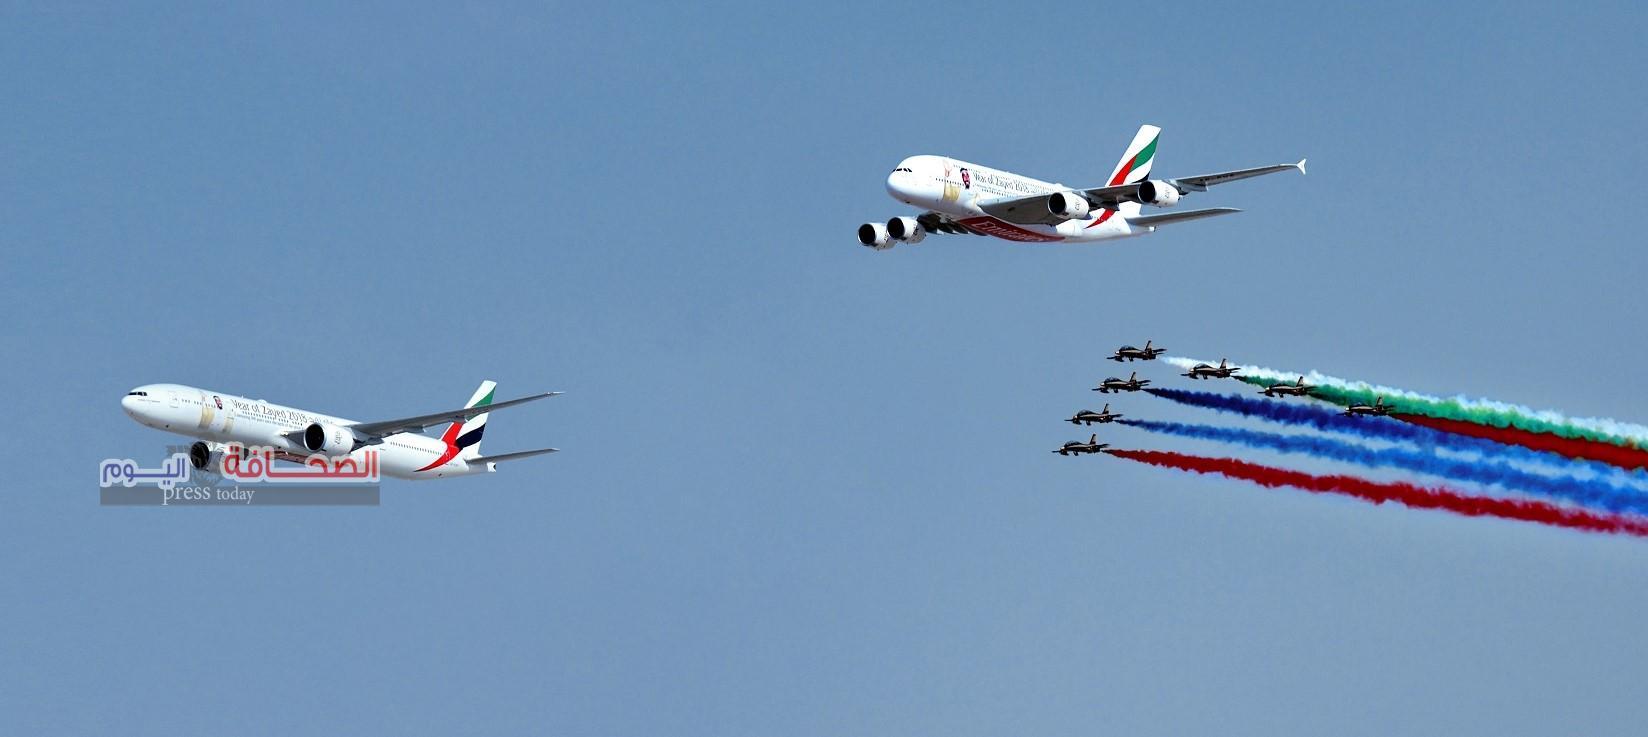 طائرتا الإمارات الإيرباص A380 والبوينج 777 في عرض جوي مشترك مع طائرات فريق الفرسان الإماراتي